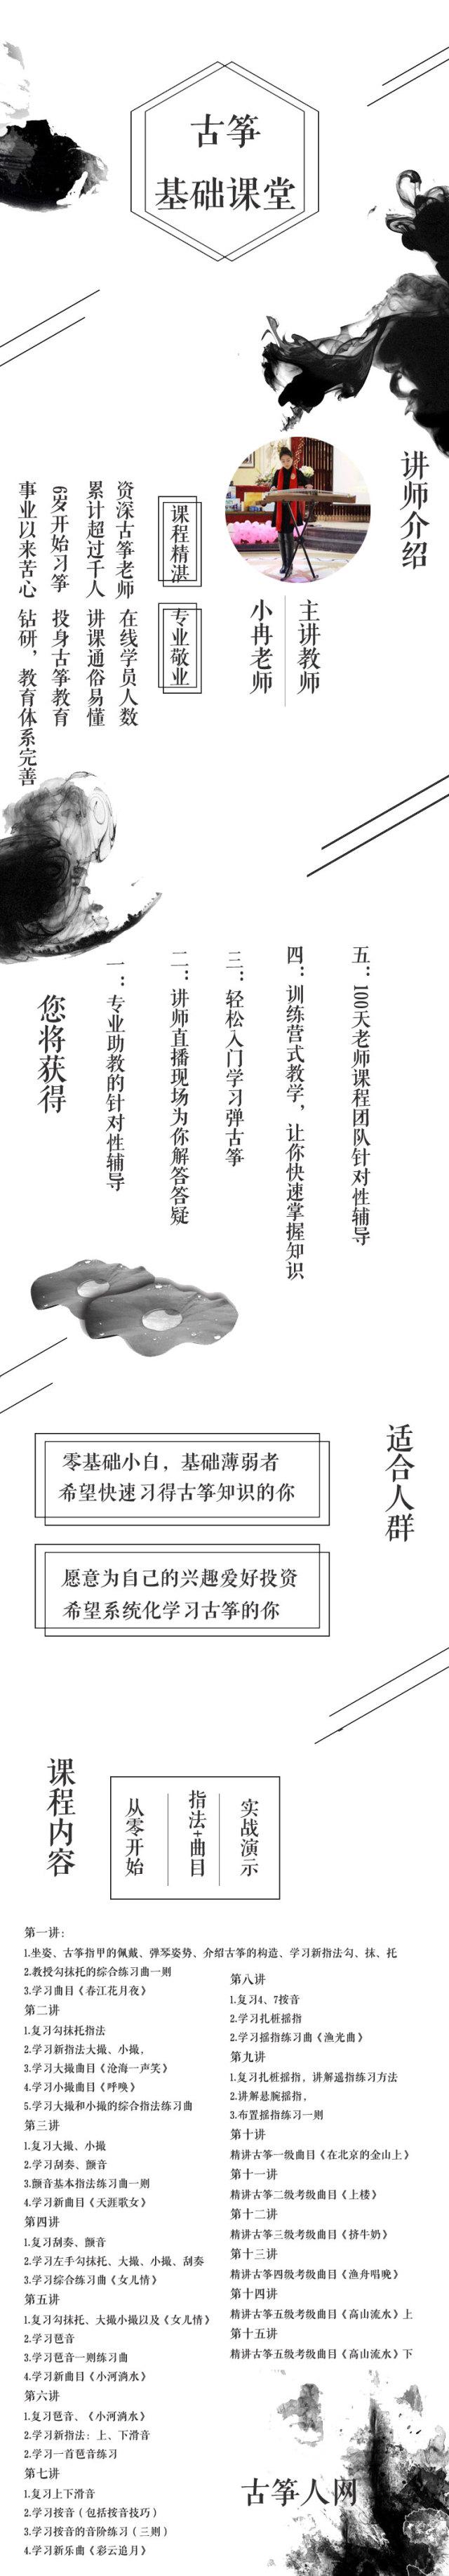 古筝人网基础课堂第二讲丨大撮,小撮,《沧海一声笑》《呼唤》《世上